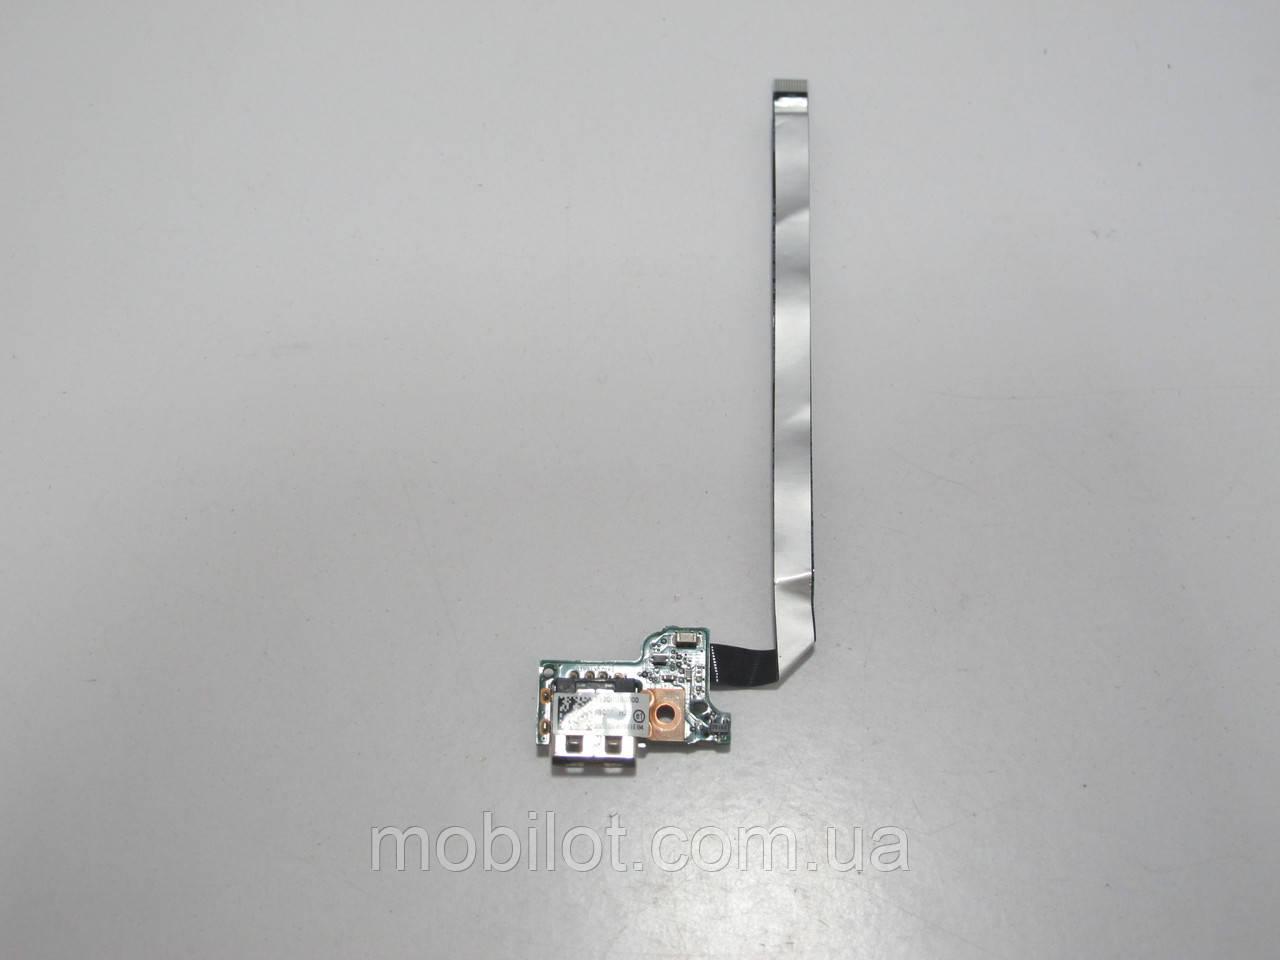 Кнопка включения Acer V5-573 (NZ-4991)